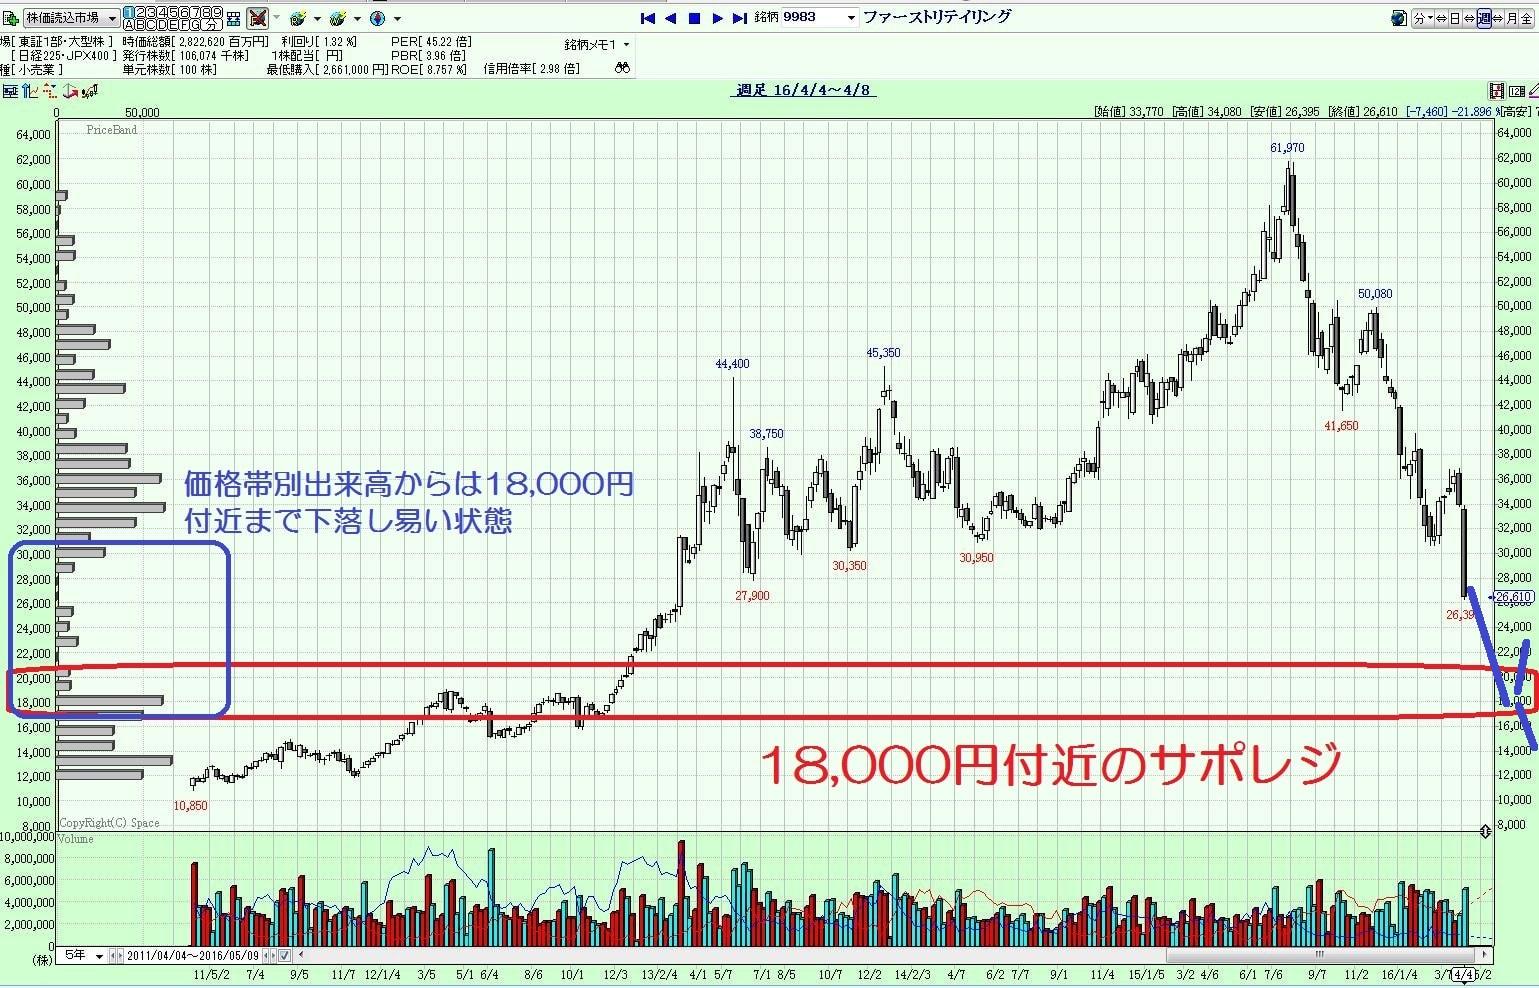 16.4.11ファーストリテイリング株価予想-下落